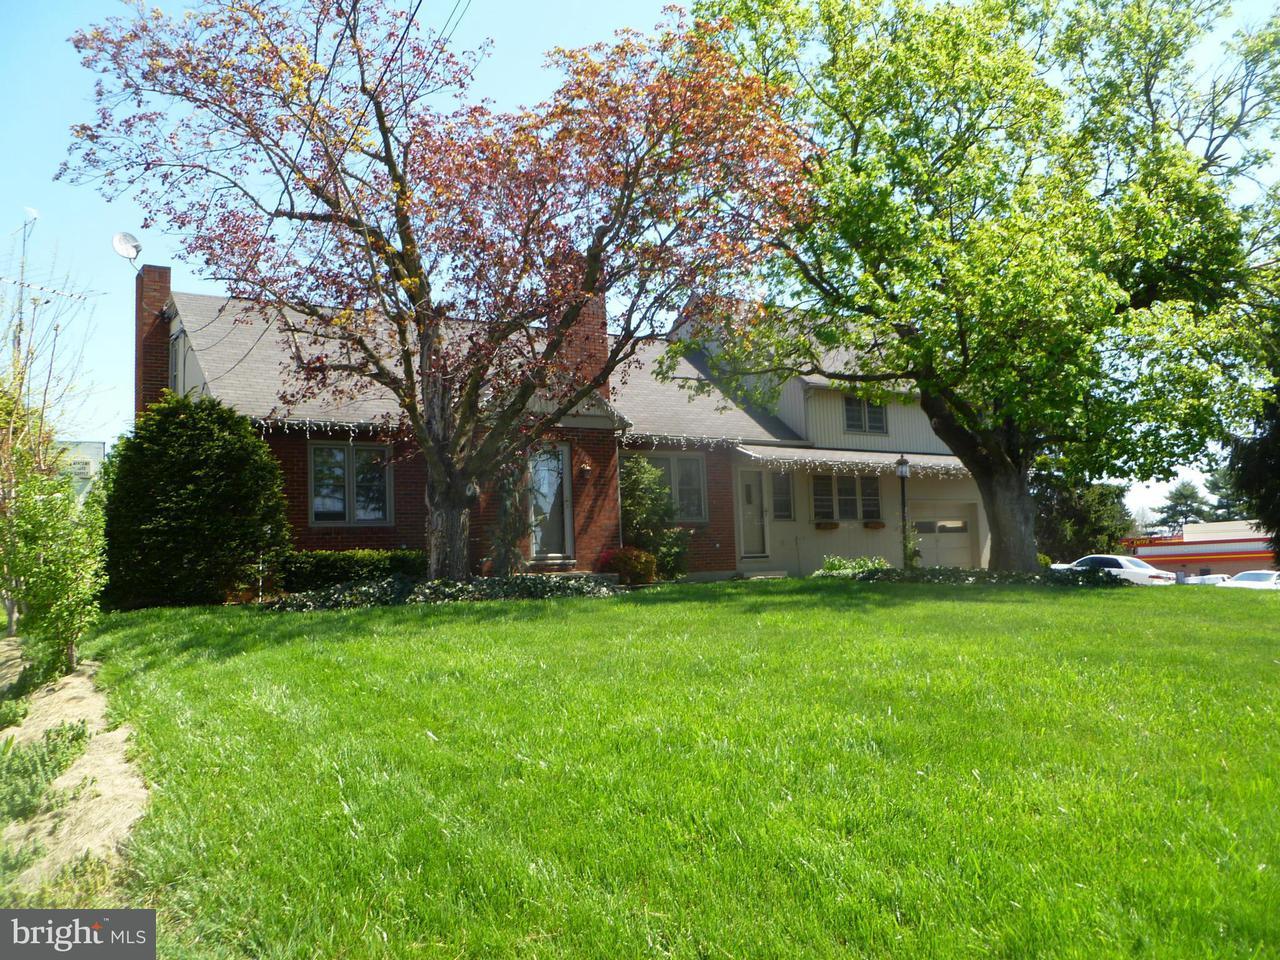 商用 為 出售 在 11971 Buchanan Trl W 11971 Buchanan Trl W Mercersburg, 賓夕法尼亞州 17236 美國